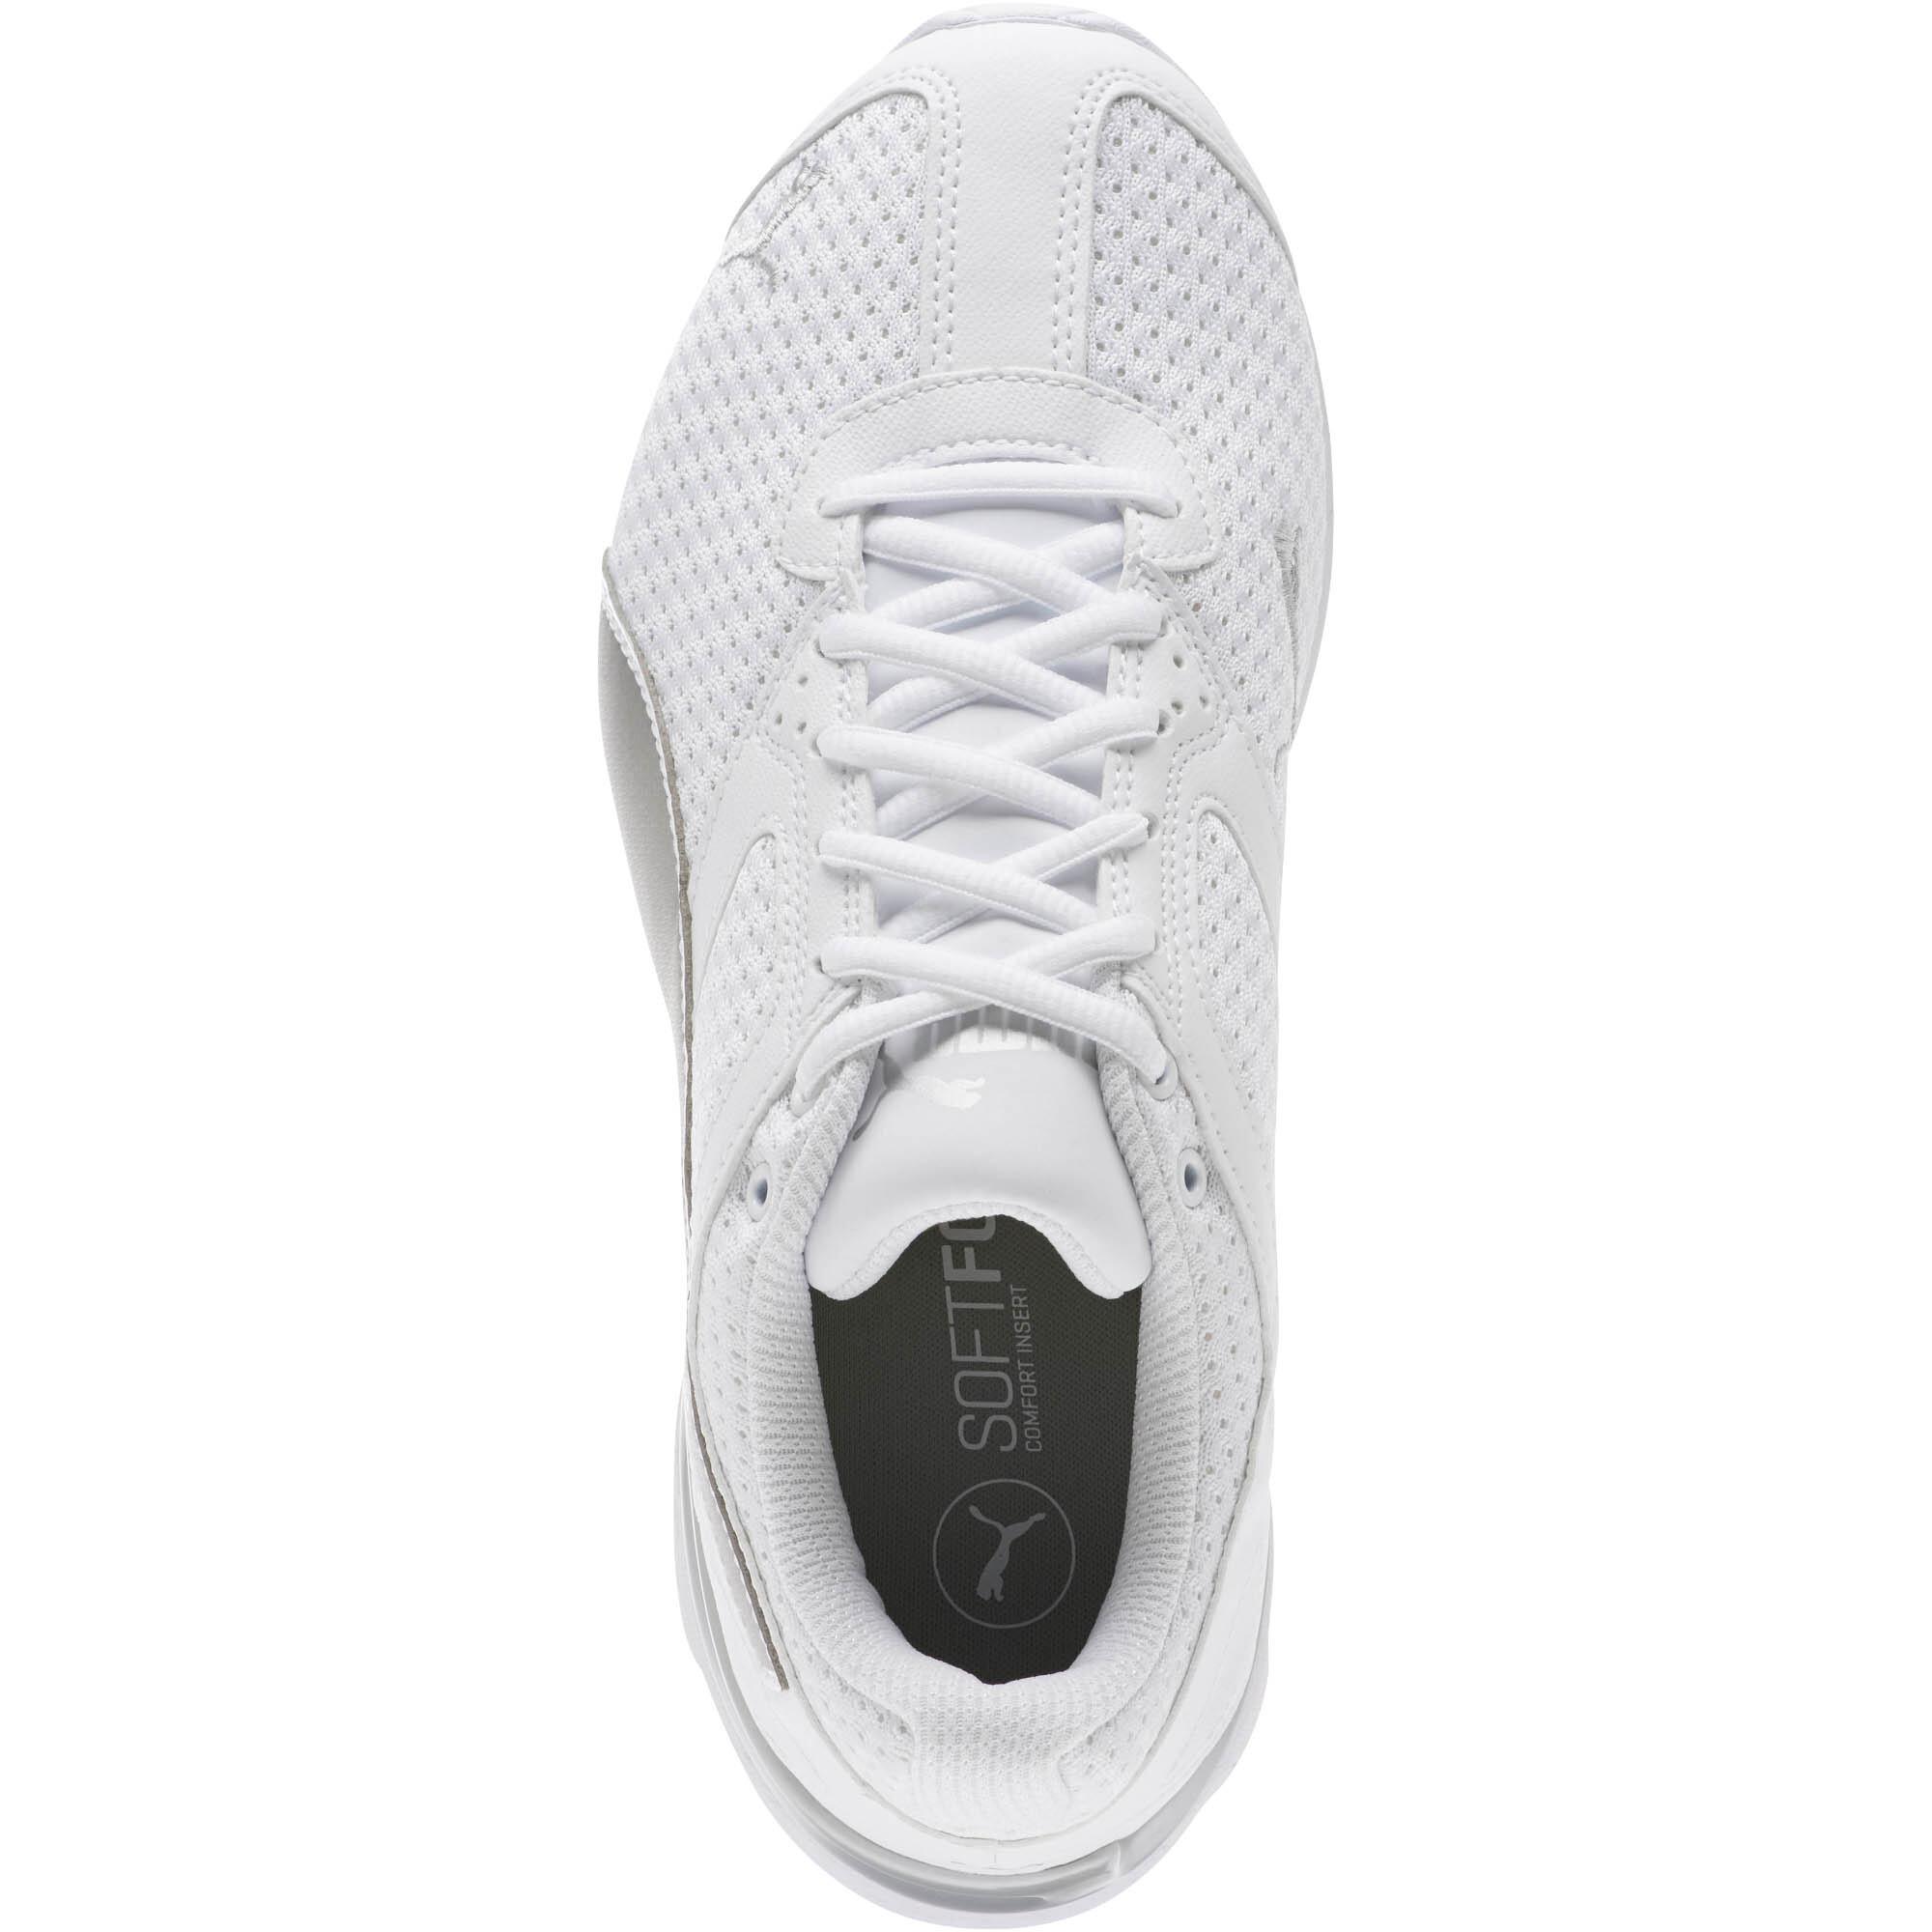 PUMA-Tazon-6-Knit-Women-s-Sneakers-Women-Shoe-Running thumbnail 6